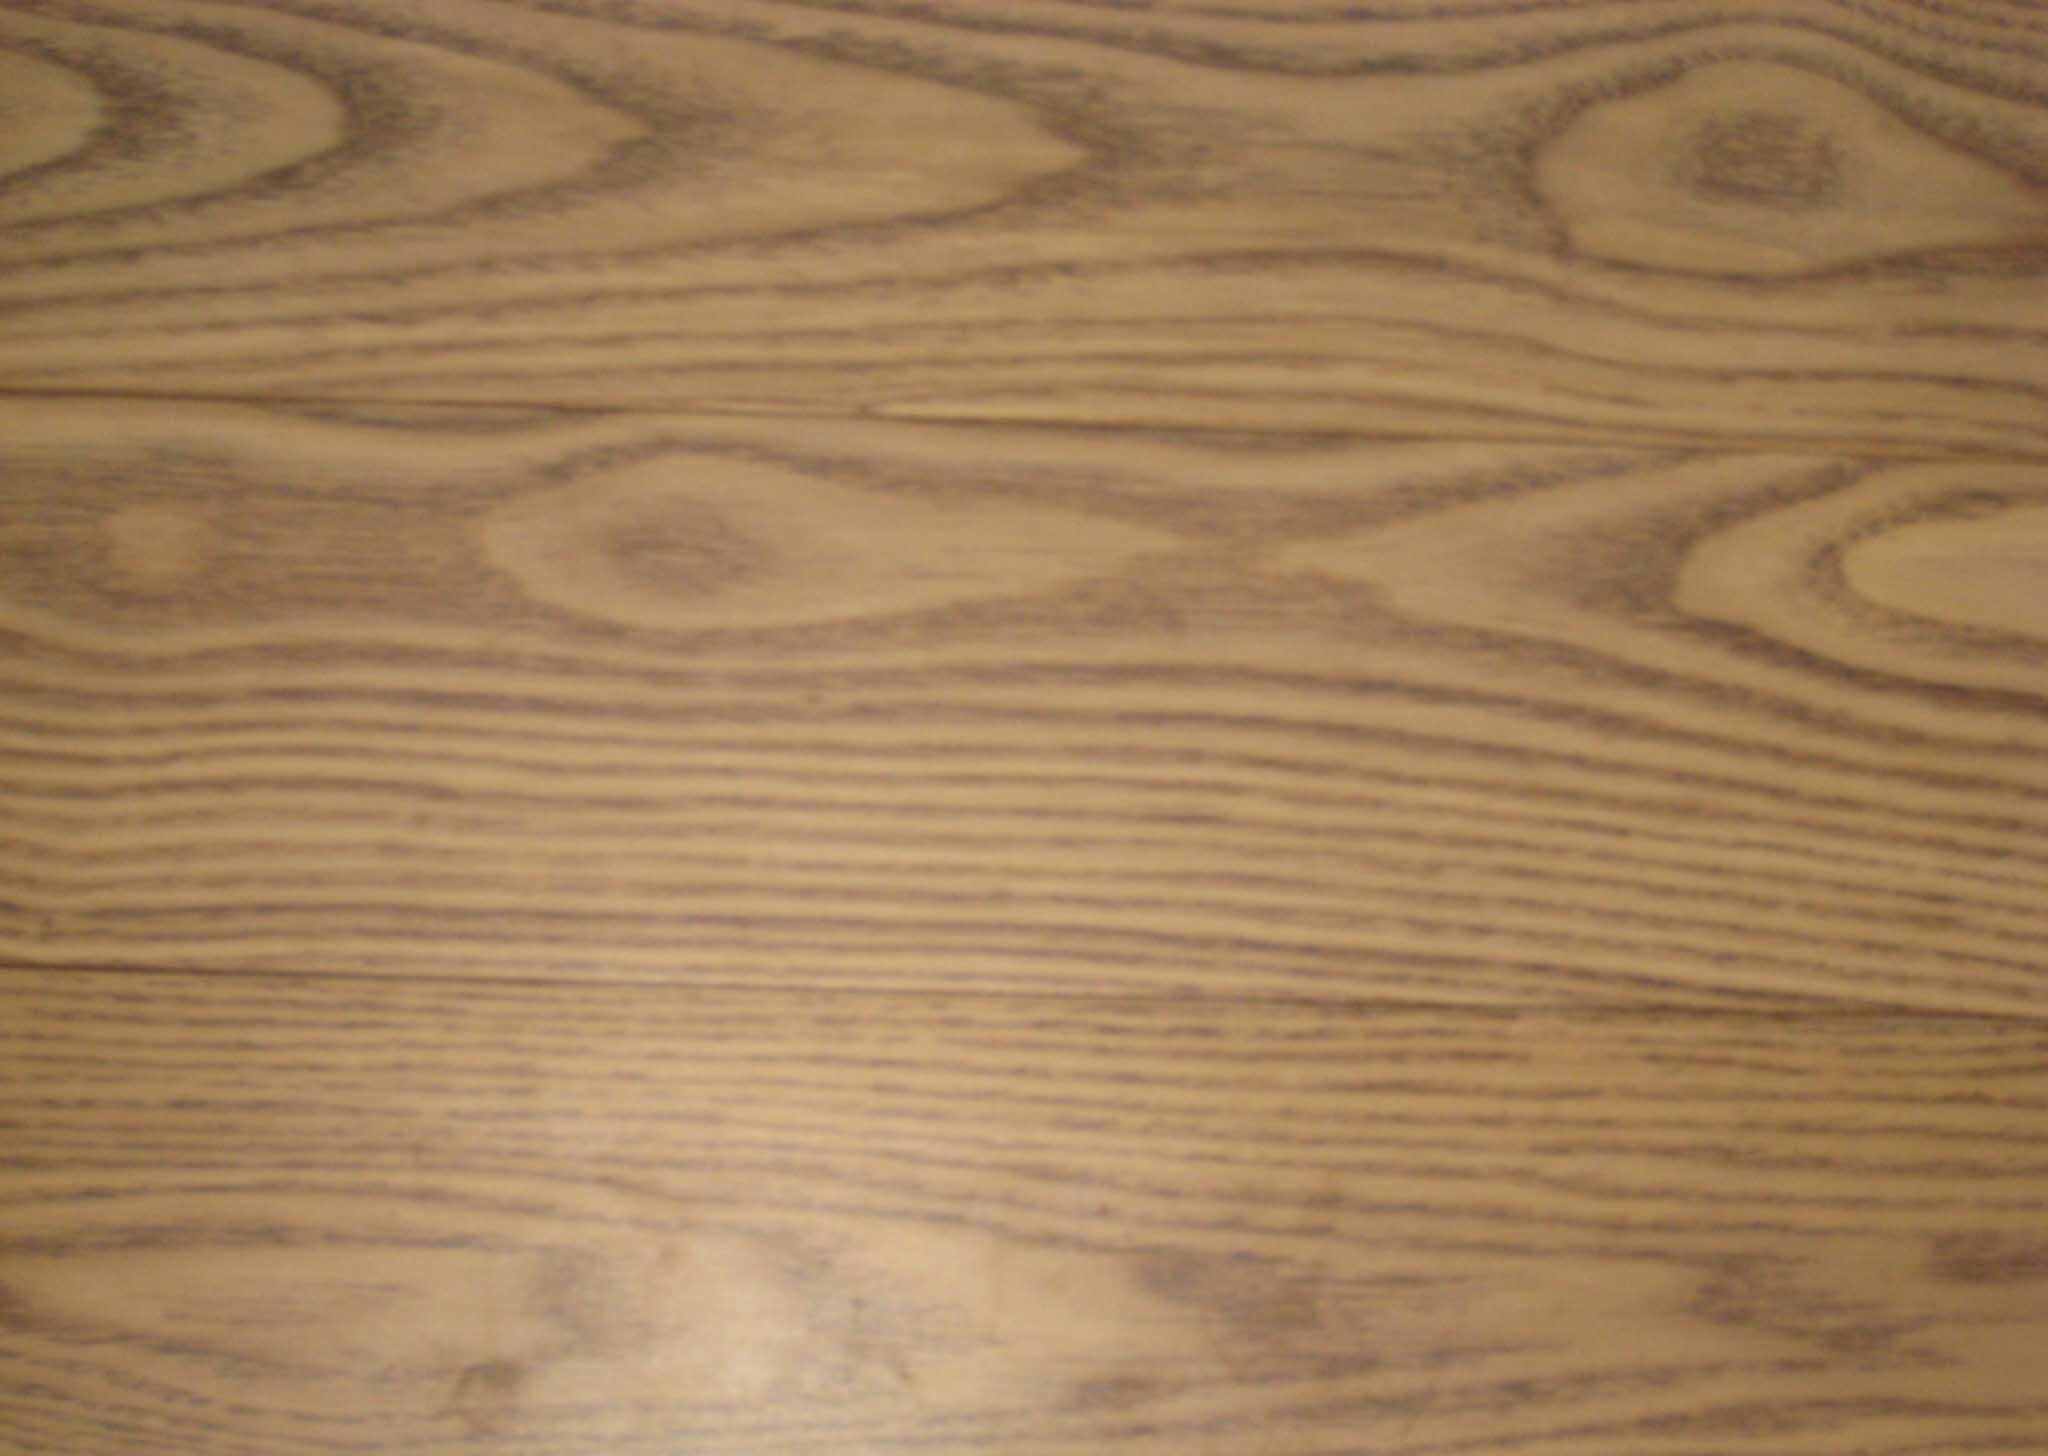 鑫海实木地板-水曲纹仿古水曲纹仿古